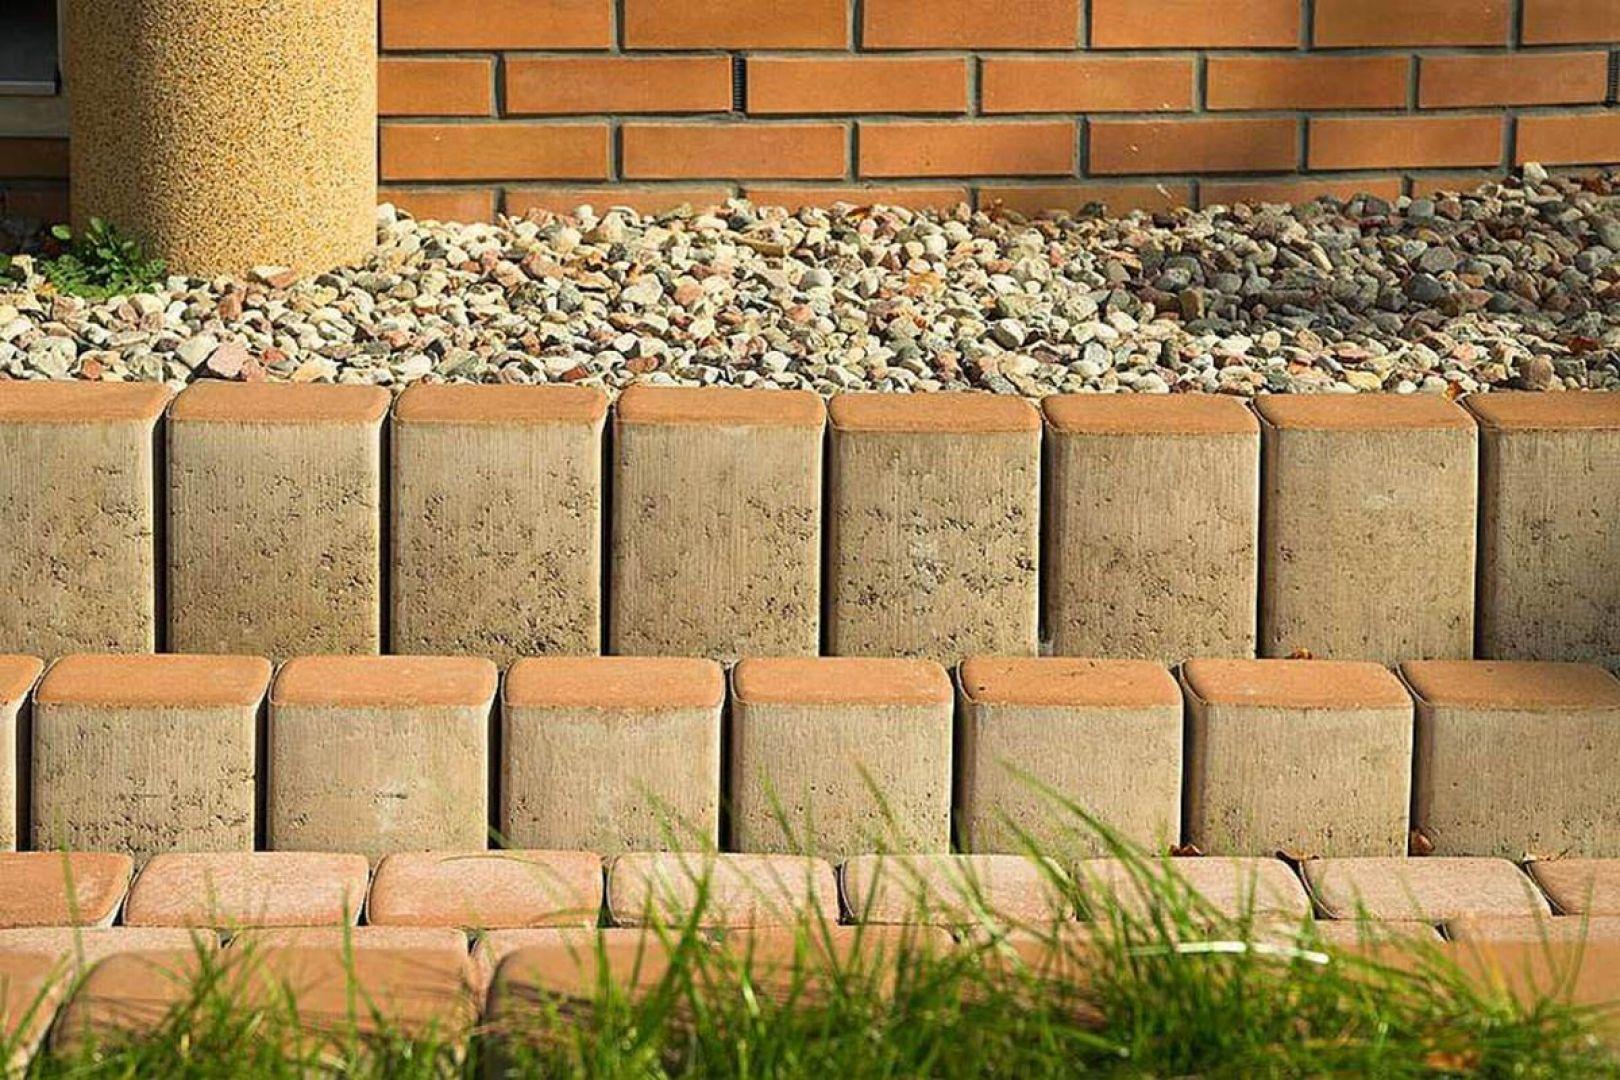 Palisady z kostki brukowej wykonuje się ze słupków, które mają wysokość 40 - 130 cm. Ich przekrój poprzeczny może być okrągły, kwadratowy, prostokątny, trójkątny. Fot. Buszrem